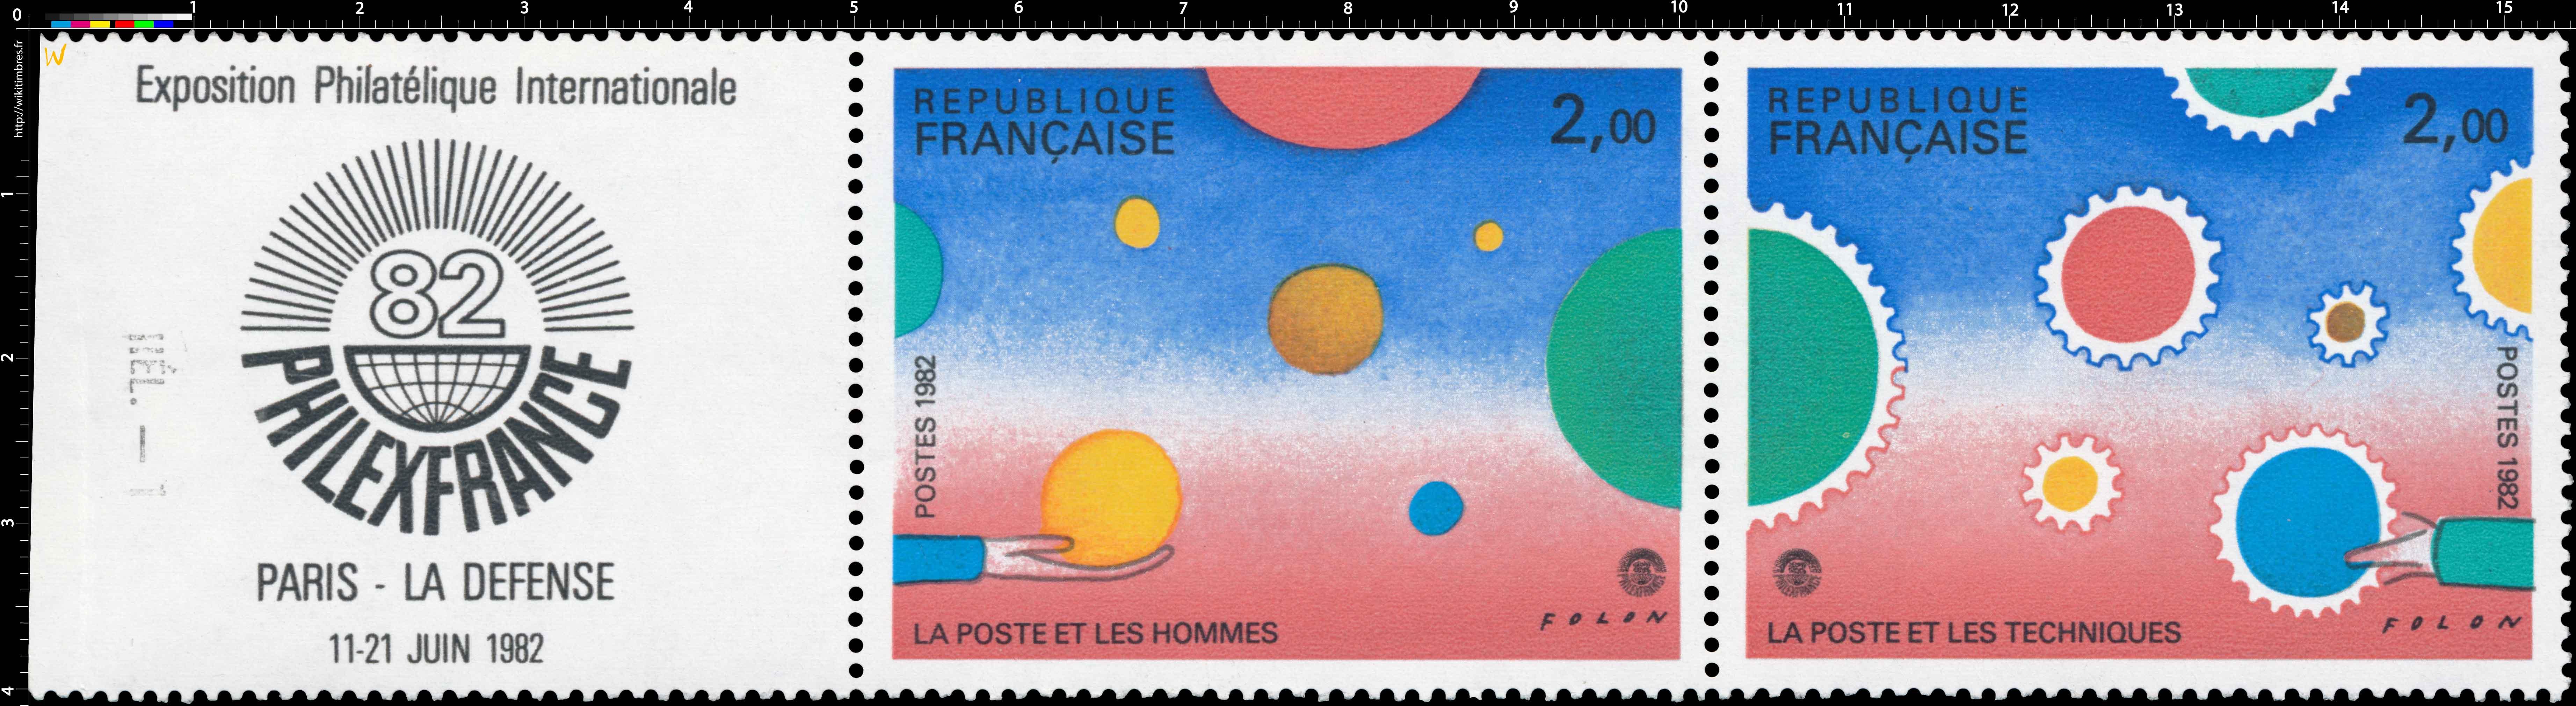 Exposition Philatélique International PHILEXFRANCE 82 PARIS - LA DÉFENSE 11-21 JUIN 1982